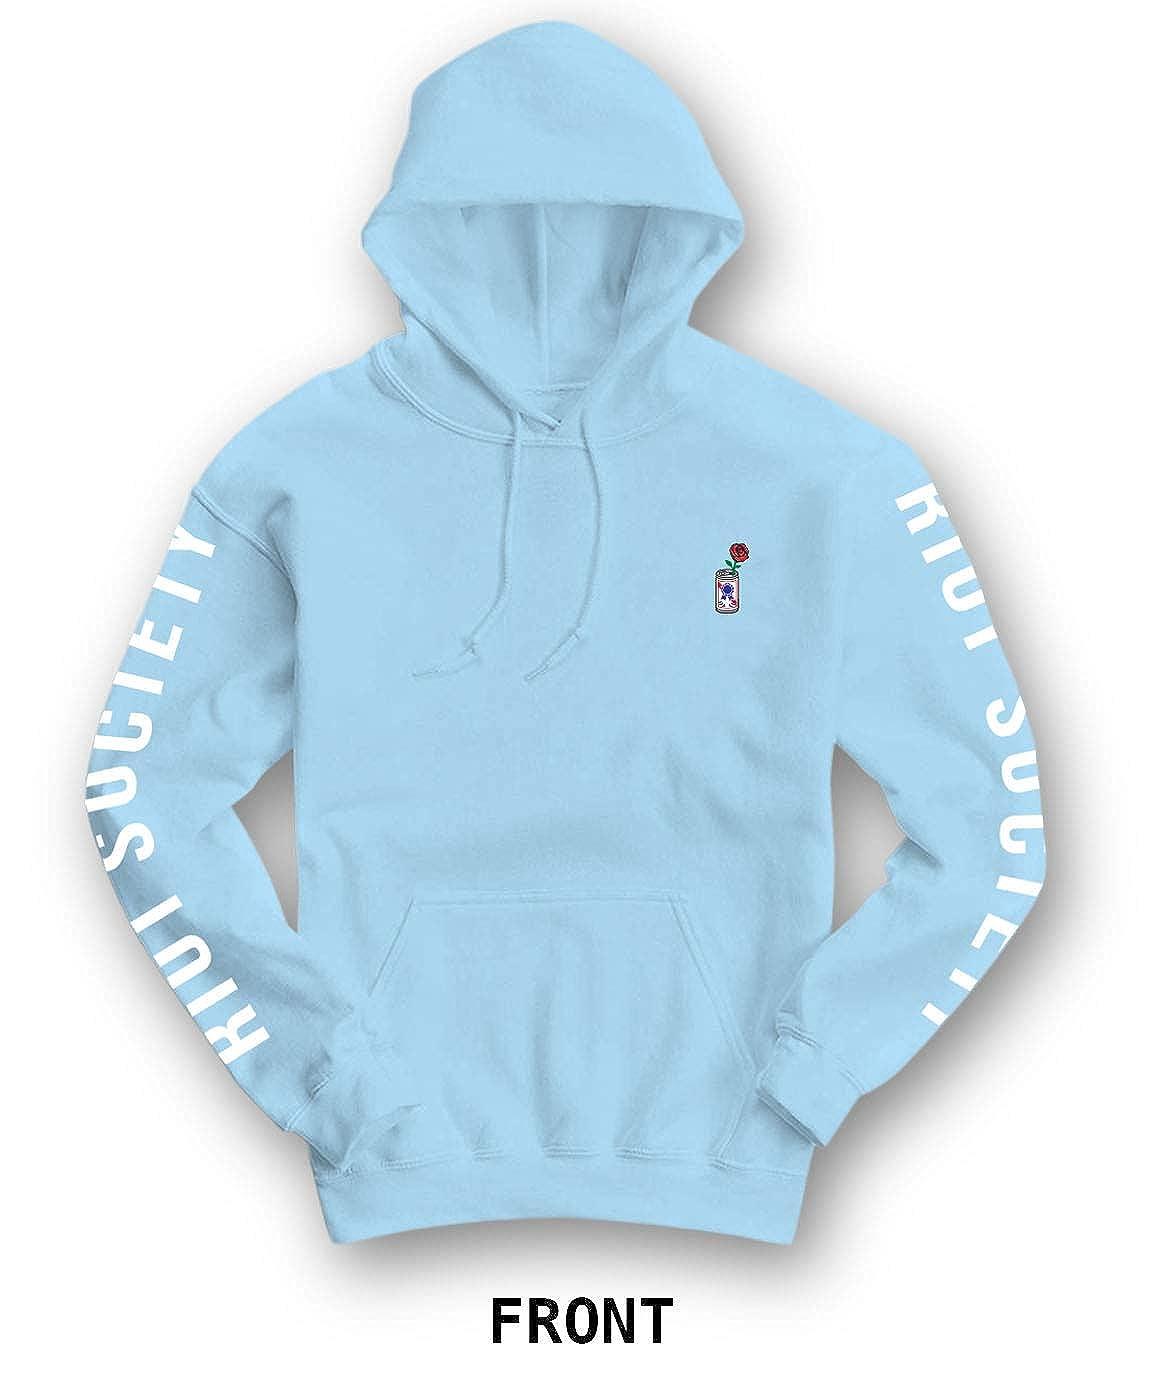 64bb5f88b157 Amazon.com  Riot Society Men s Graphic Hoodie Hooded Sweatshirt  Clothing